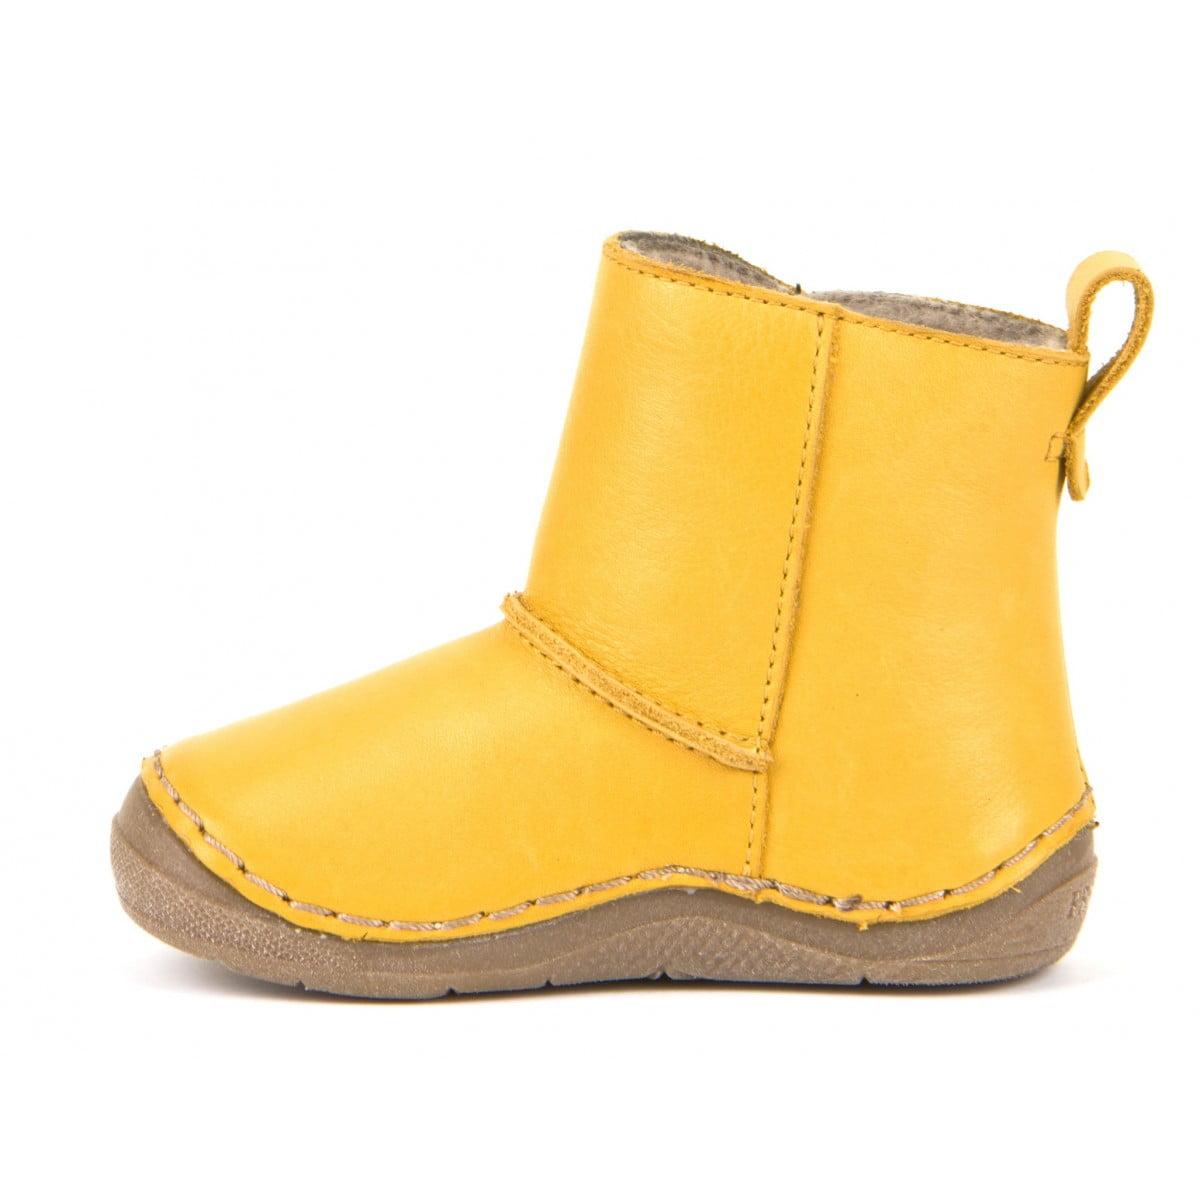 Cizme din piele căptuşite cu blană de miel şi închidere laterală cu velcro şi talpă extra flexibilă Froddo Yellow 4